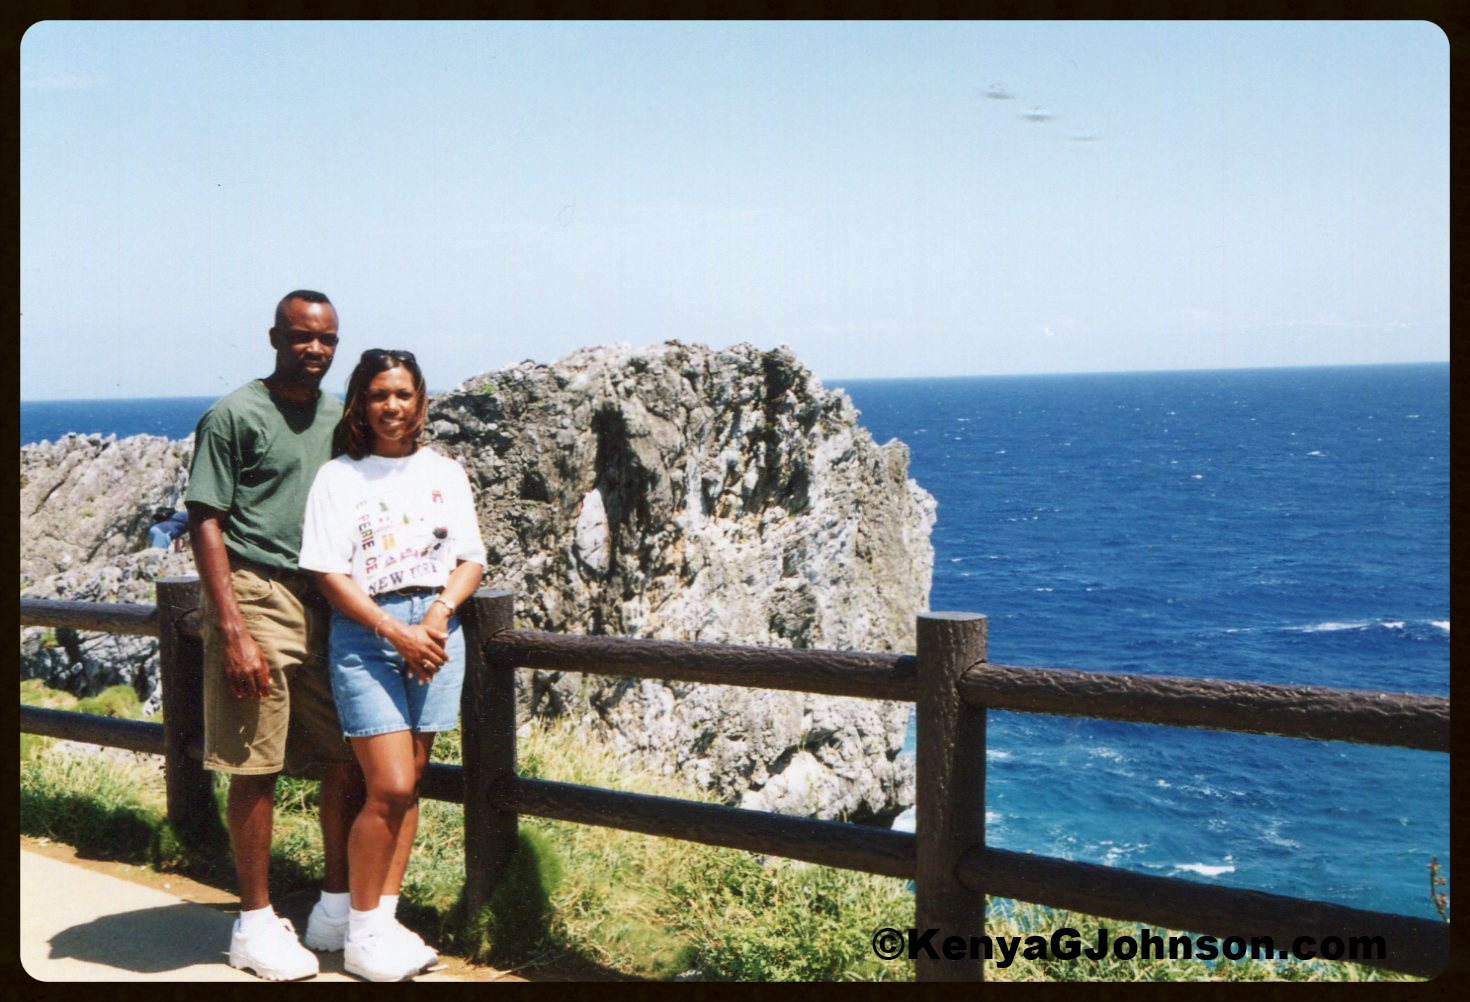 1998, Okinawa Japan